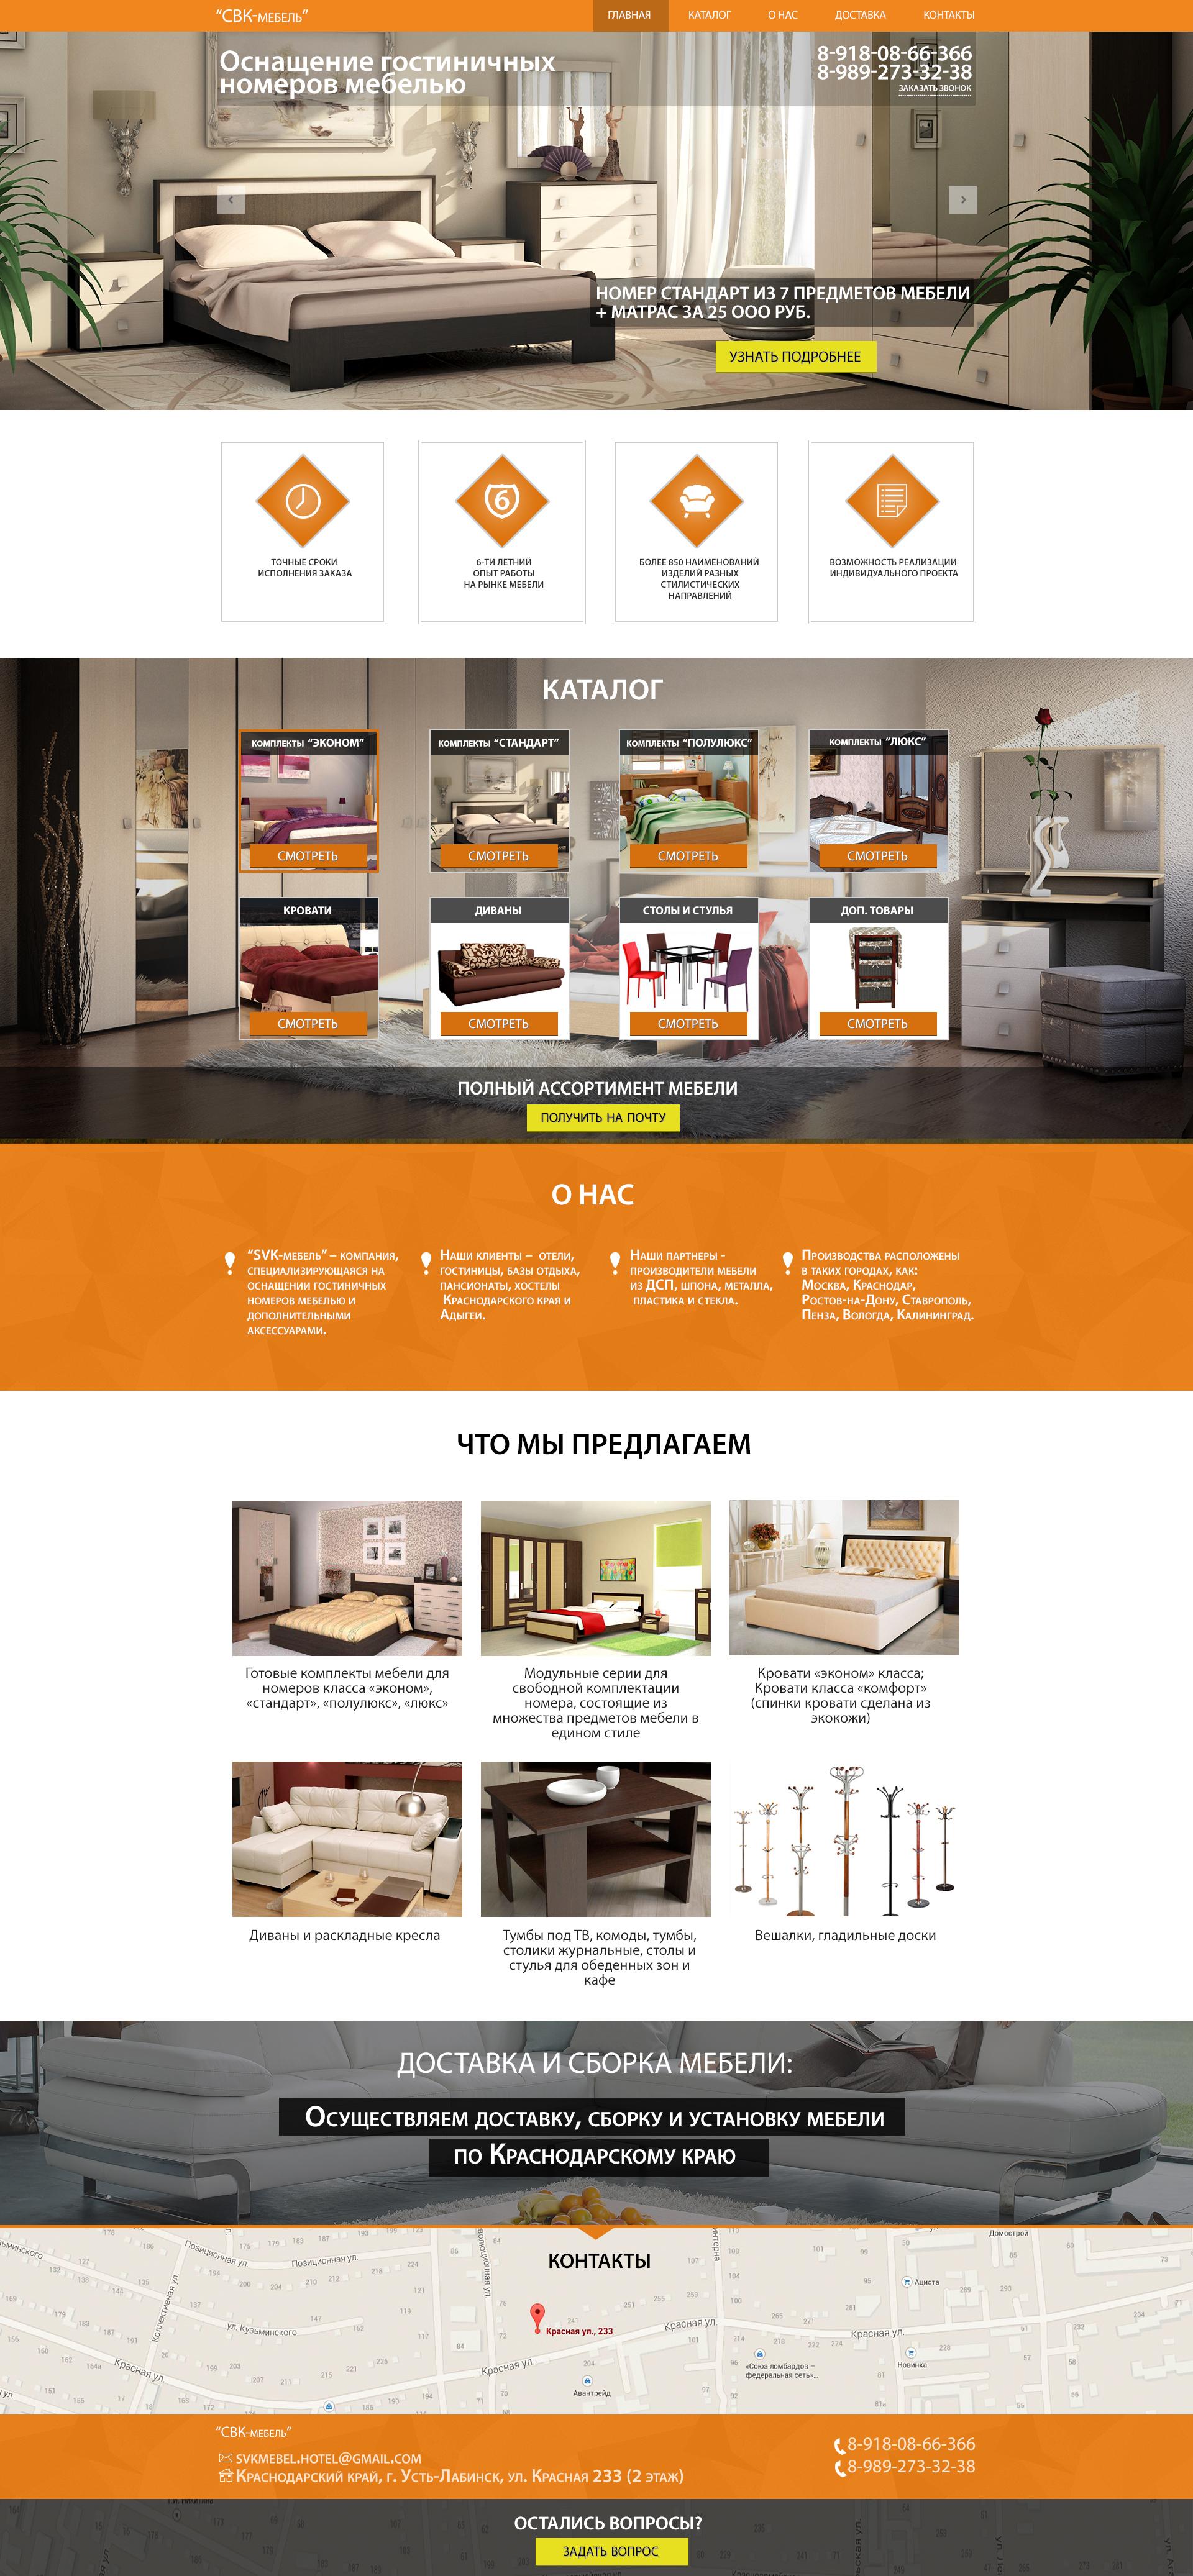 Разработка дизайна landing page для сайта по продаже мебели